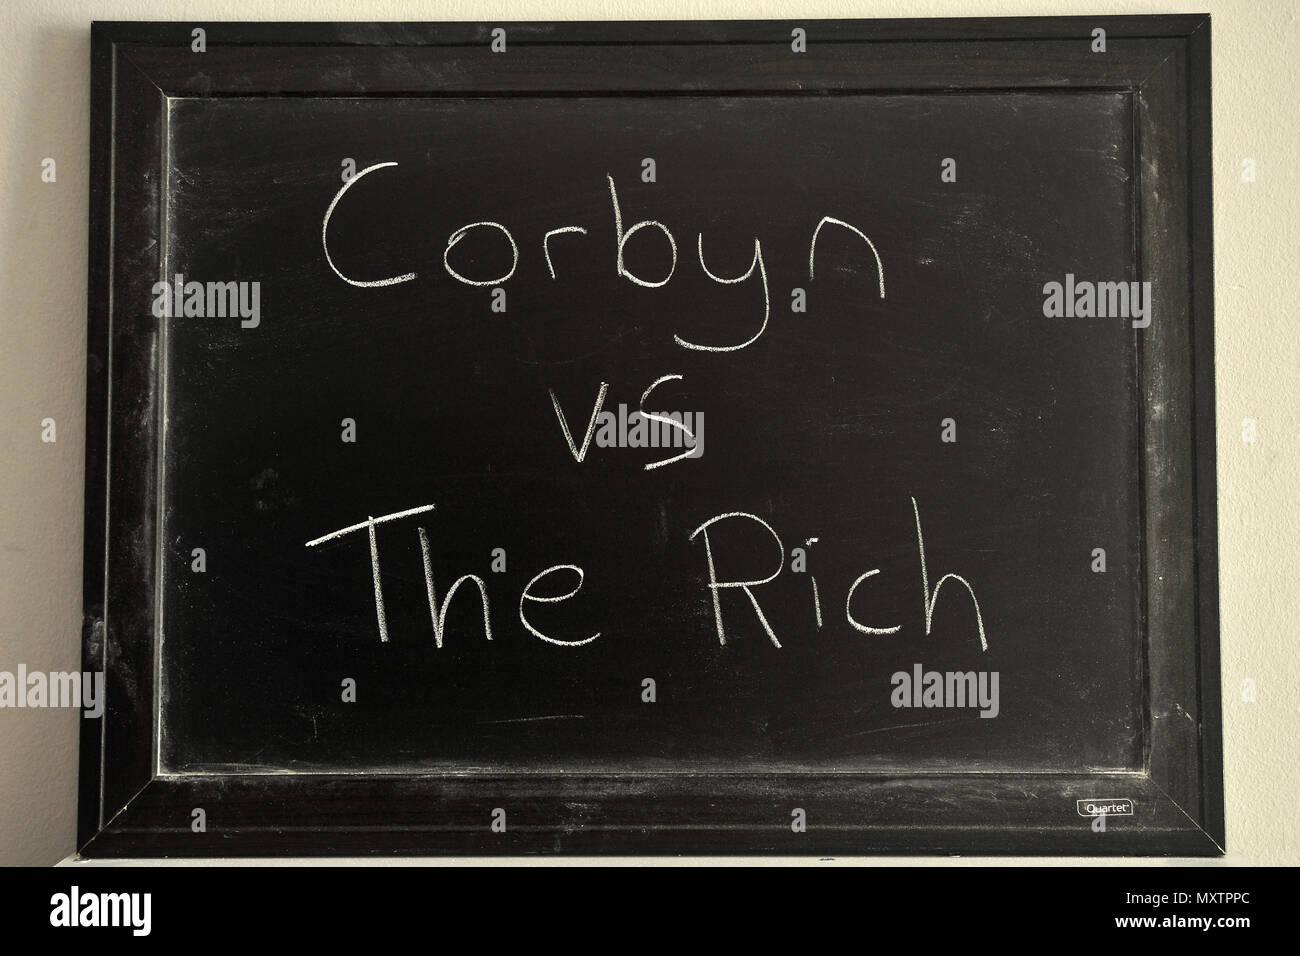 Corbyn vs The Rich in white chalk on a blackboard. - Stock Image